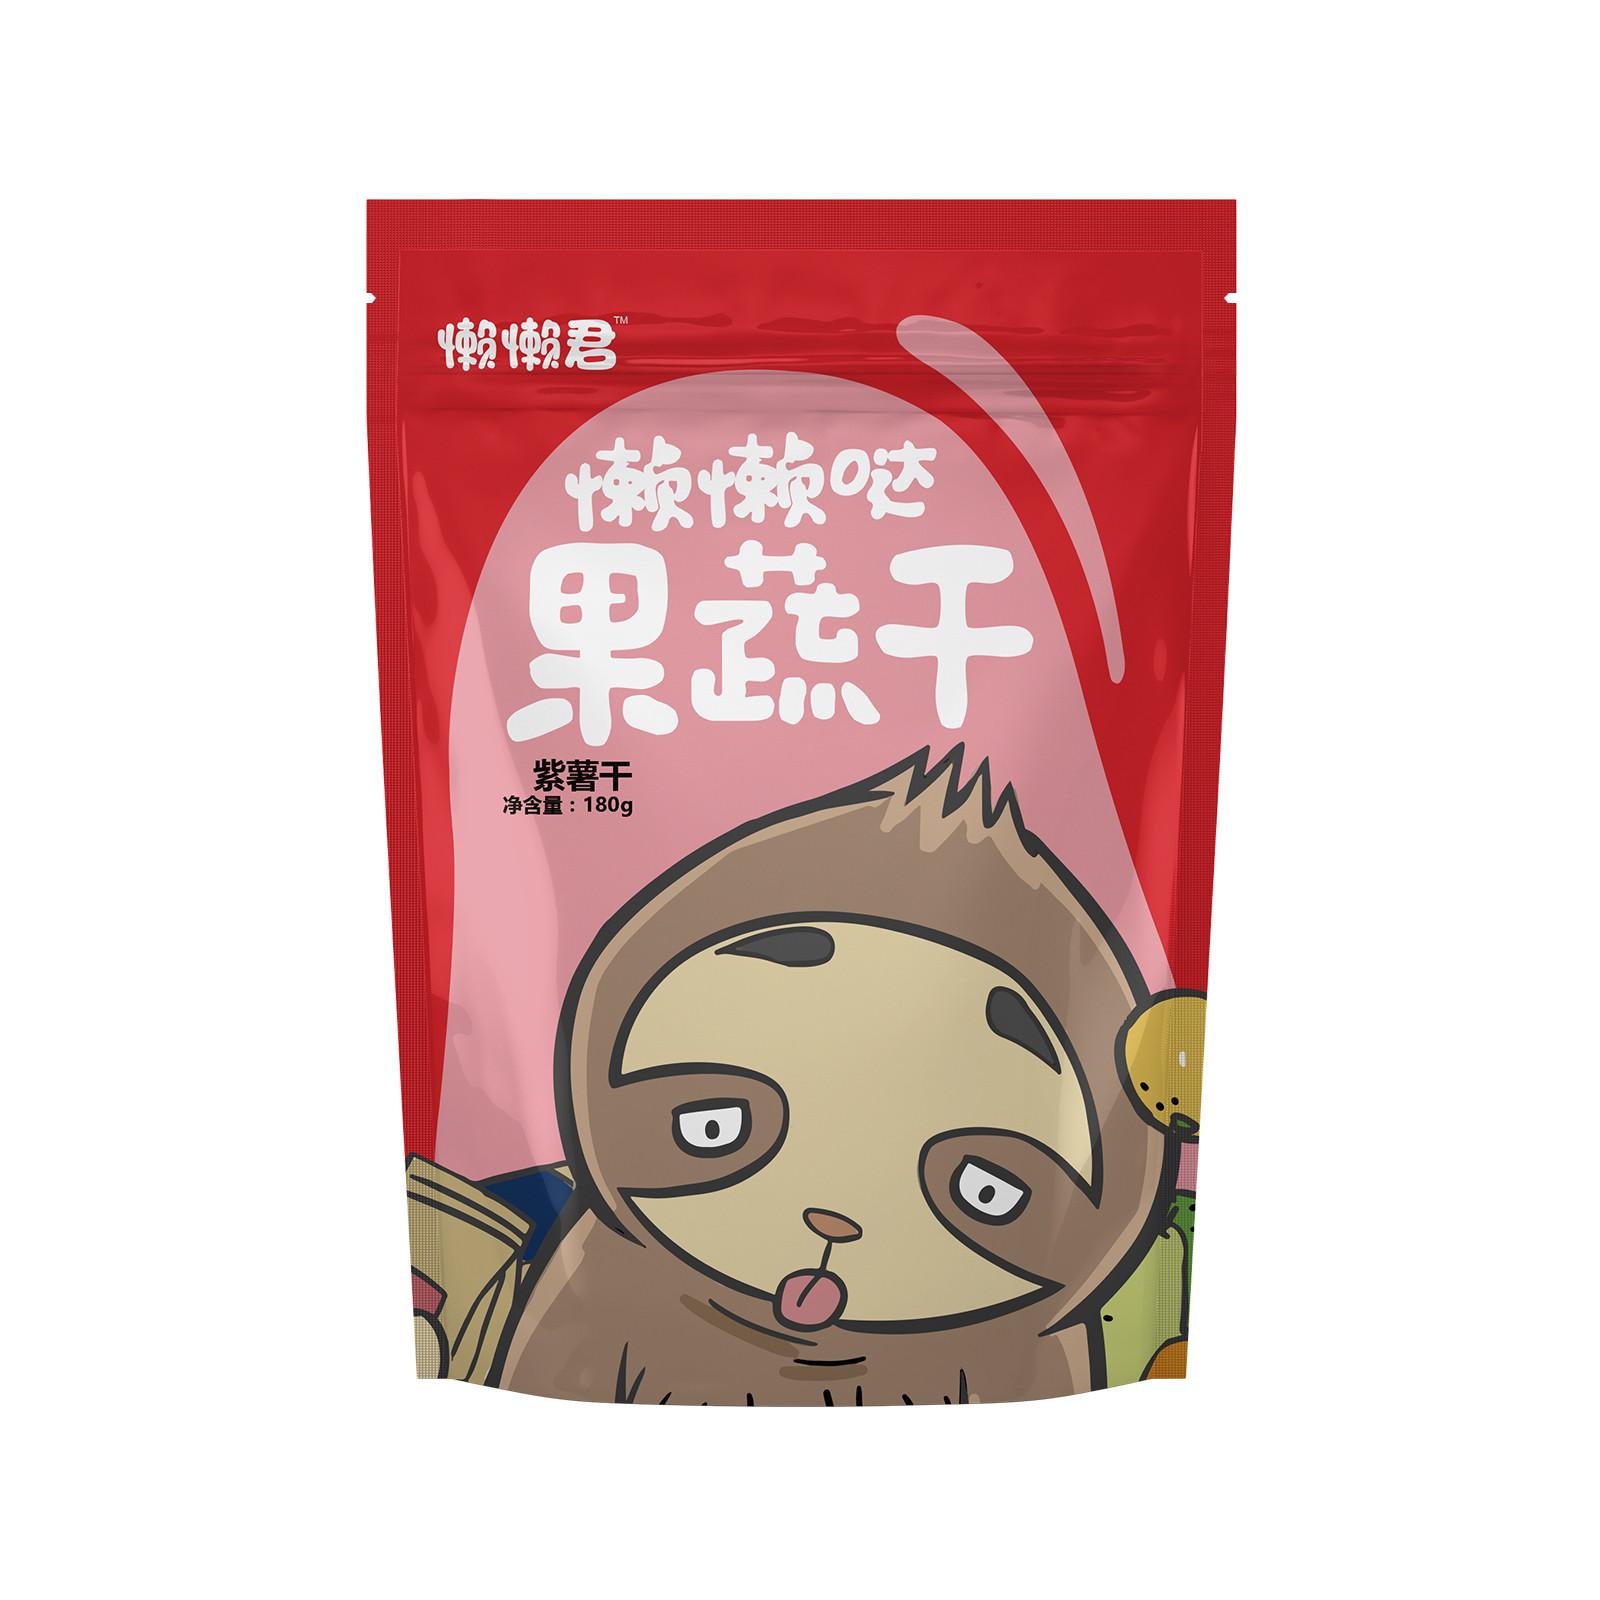 软糯紫薯片_懒懒君冻干芒果果脯蜜饯特产小吃_广西懒君食品有限公司